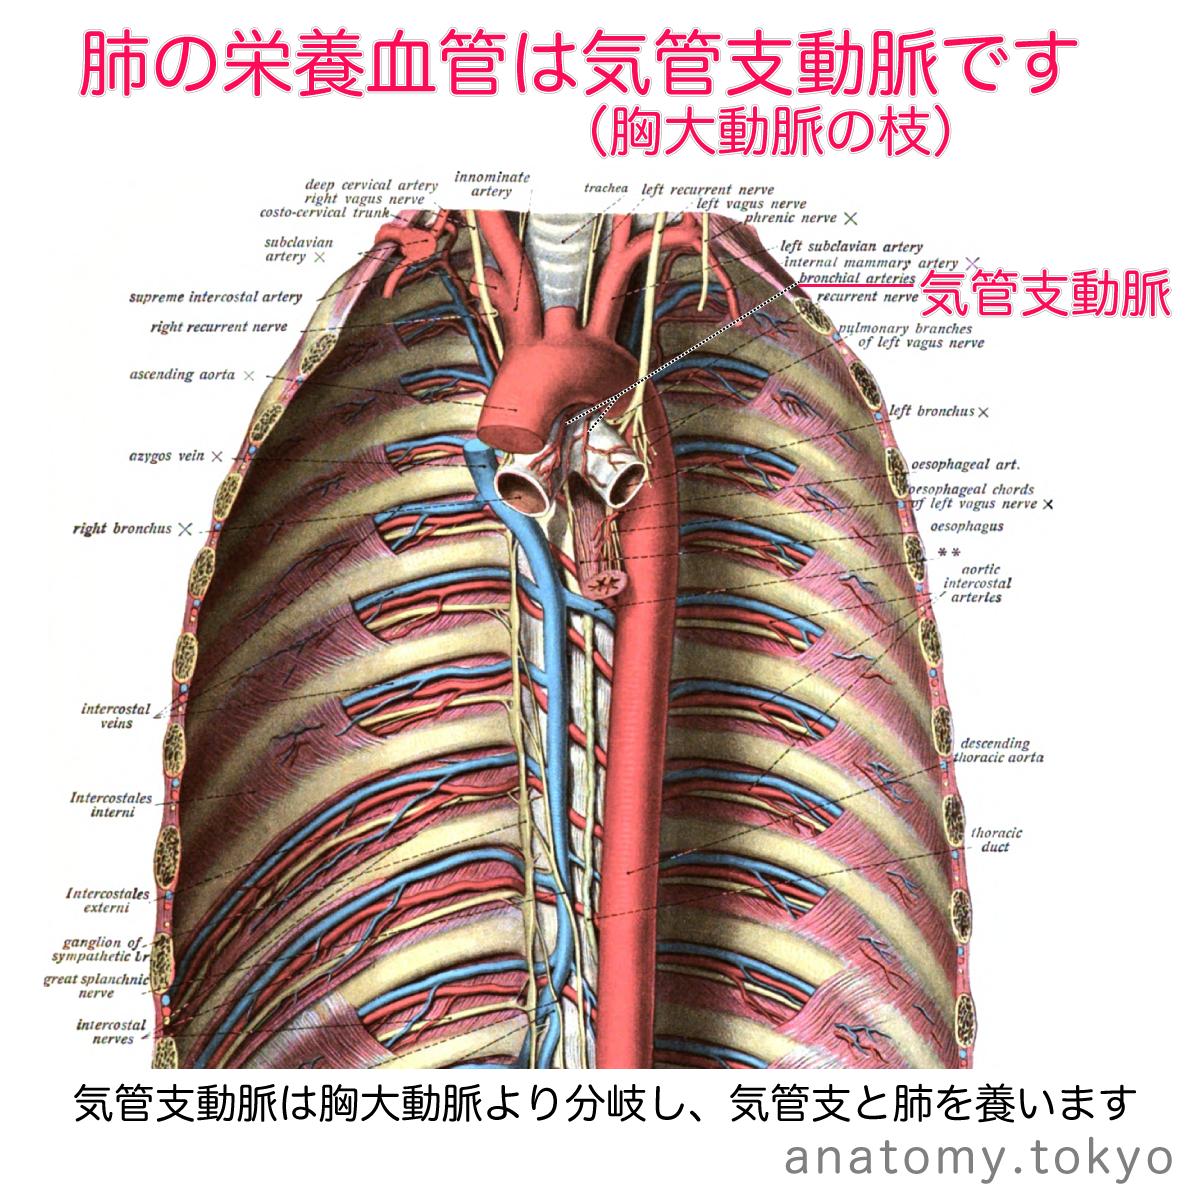 肺の栄養血管は( 動脈)である (解答) 気管支動脈 肺の栄養血管は ...